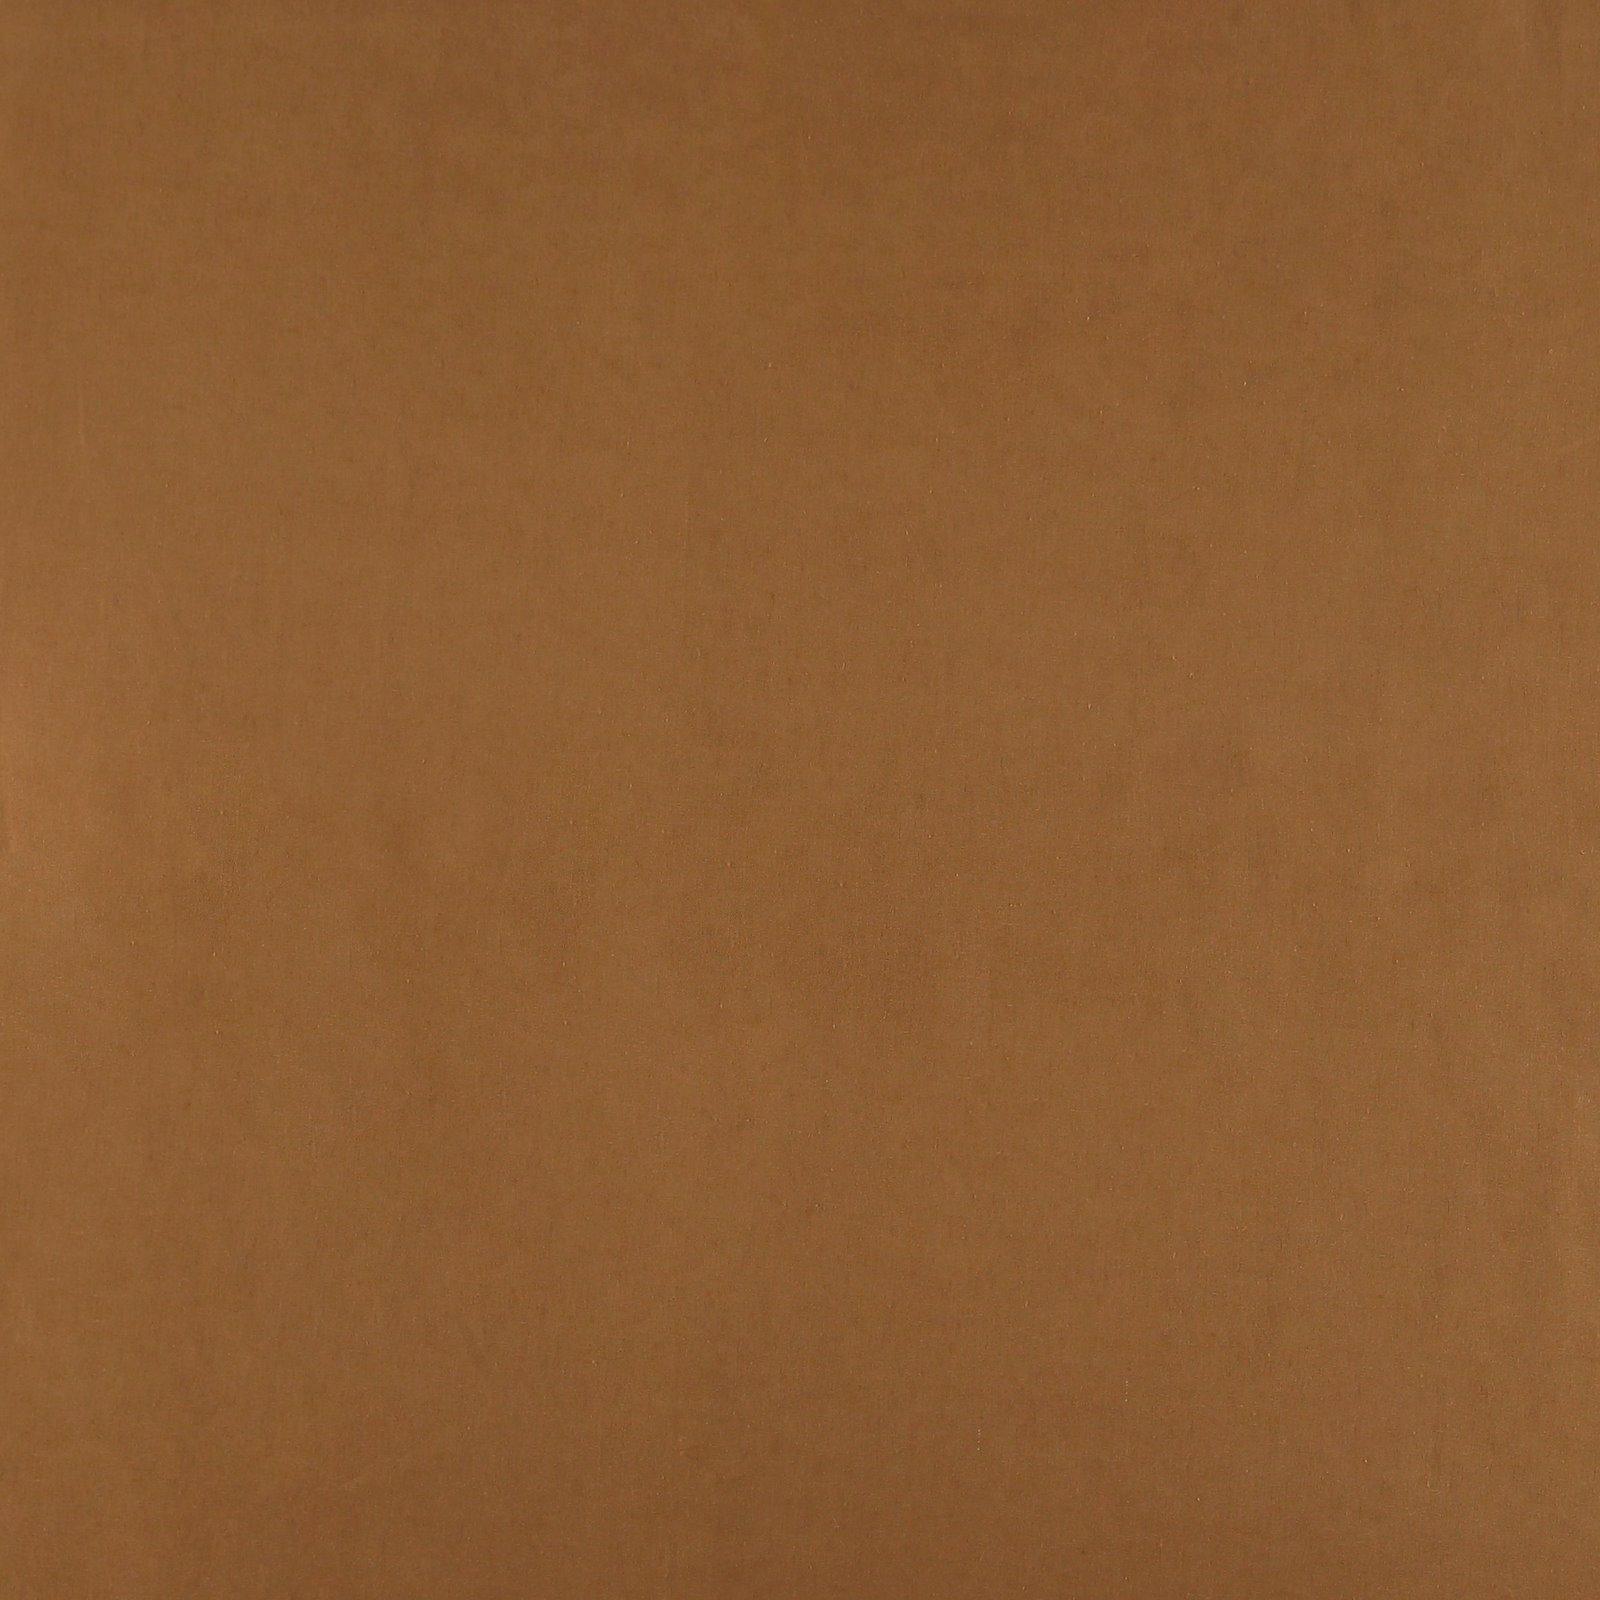 Light linen/viscose light caramel 510950_pack_solid